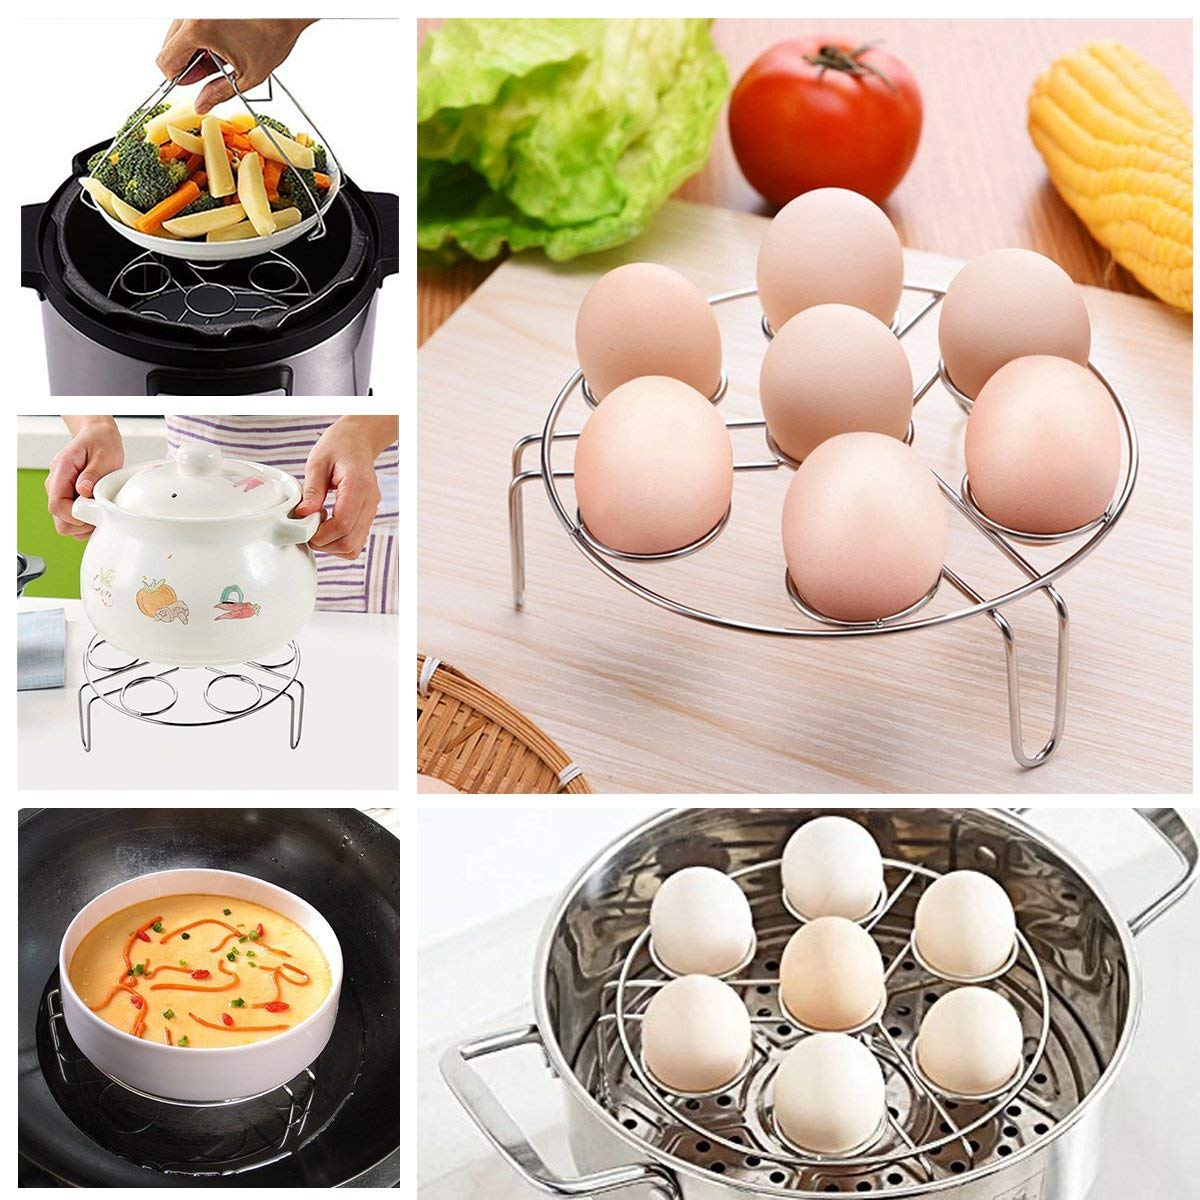 Підставки для варіння і вживання яєць в їжу: як правильно називати, як використовувати варильну підставку, як є з чарки для яєць